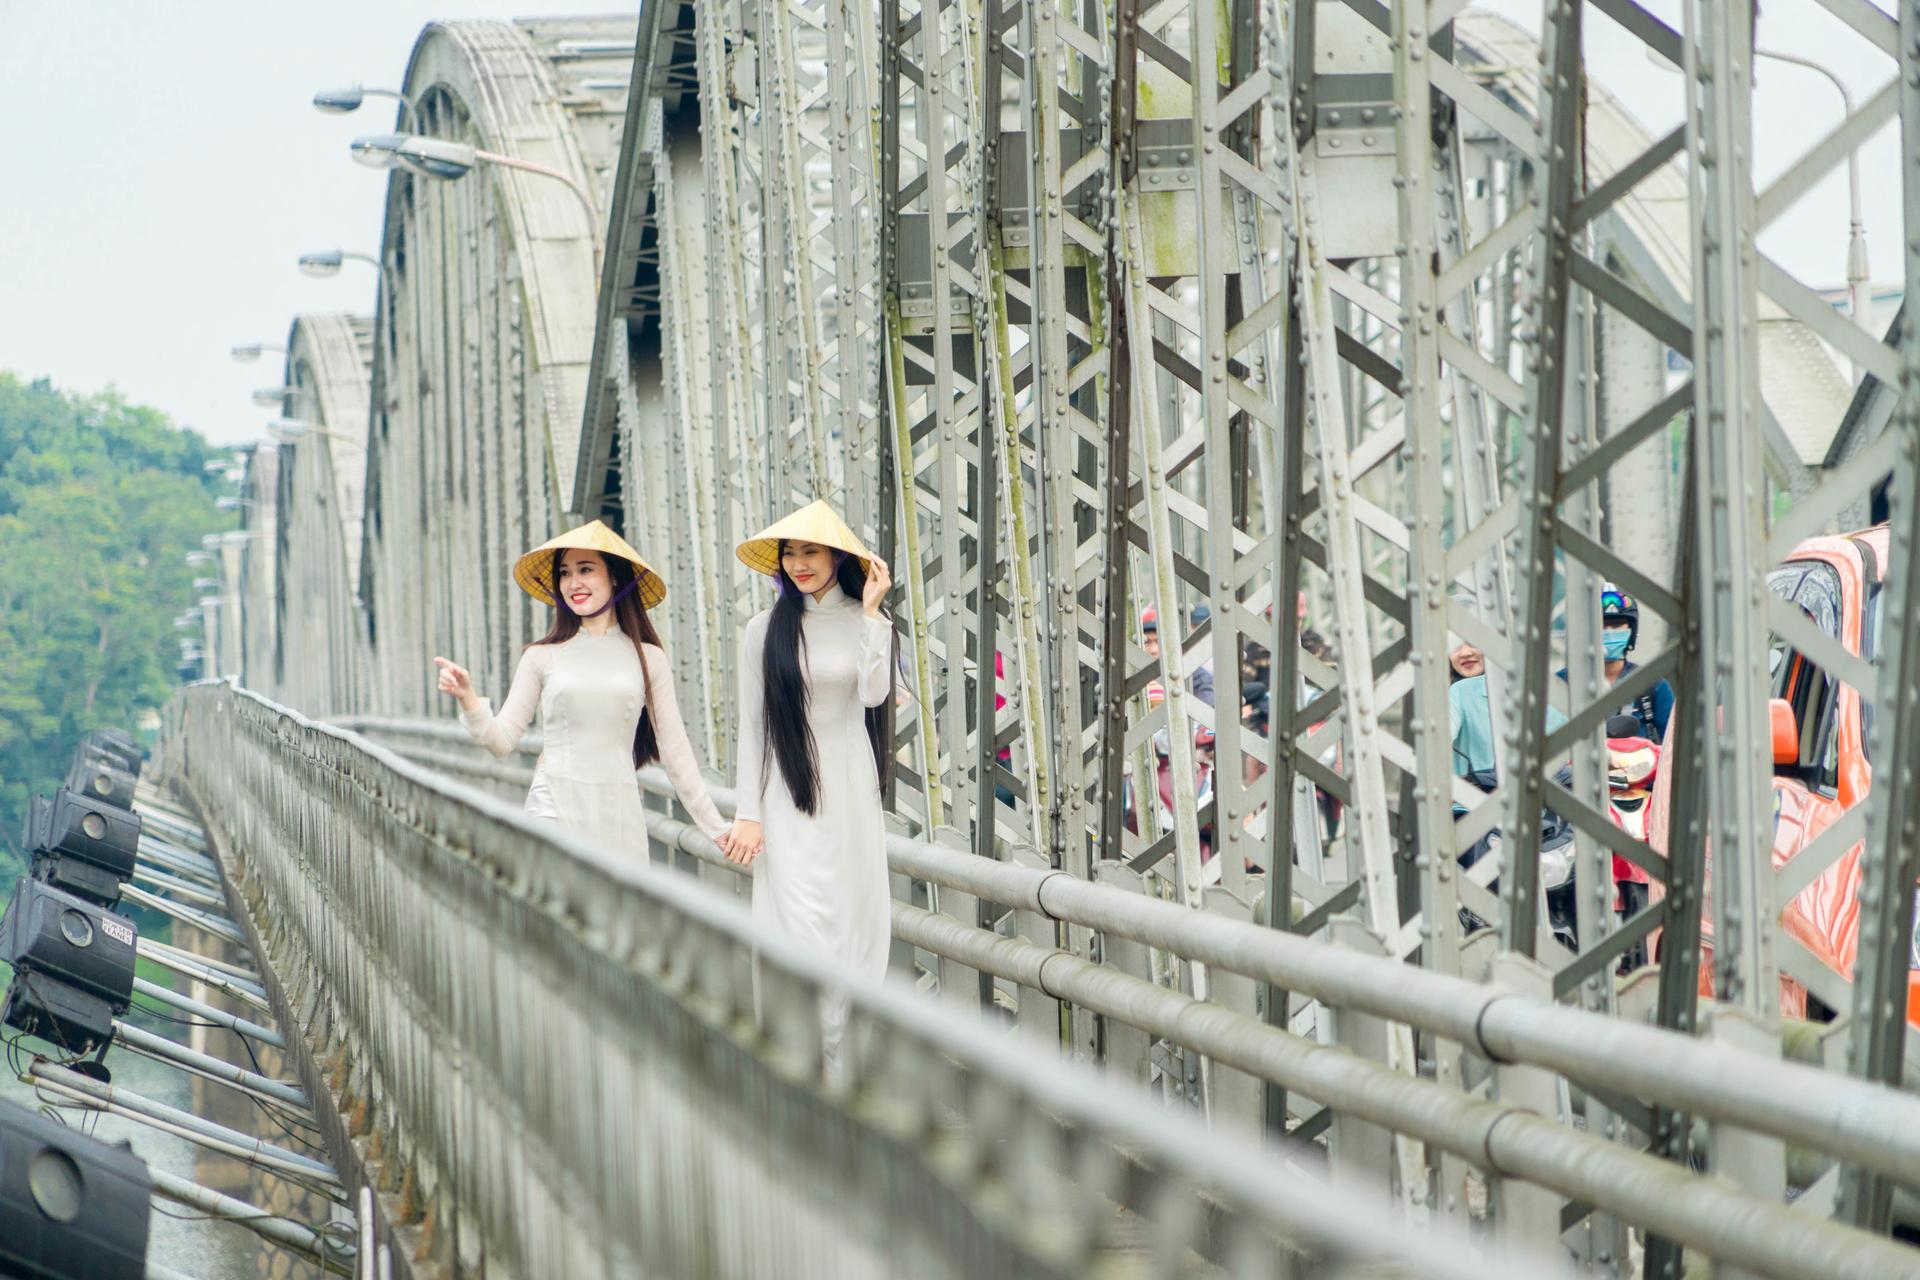 Cây cầu thế kỷ của xứ Huế DSC06063_1508344239_VnEx